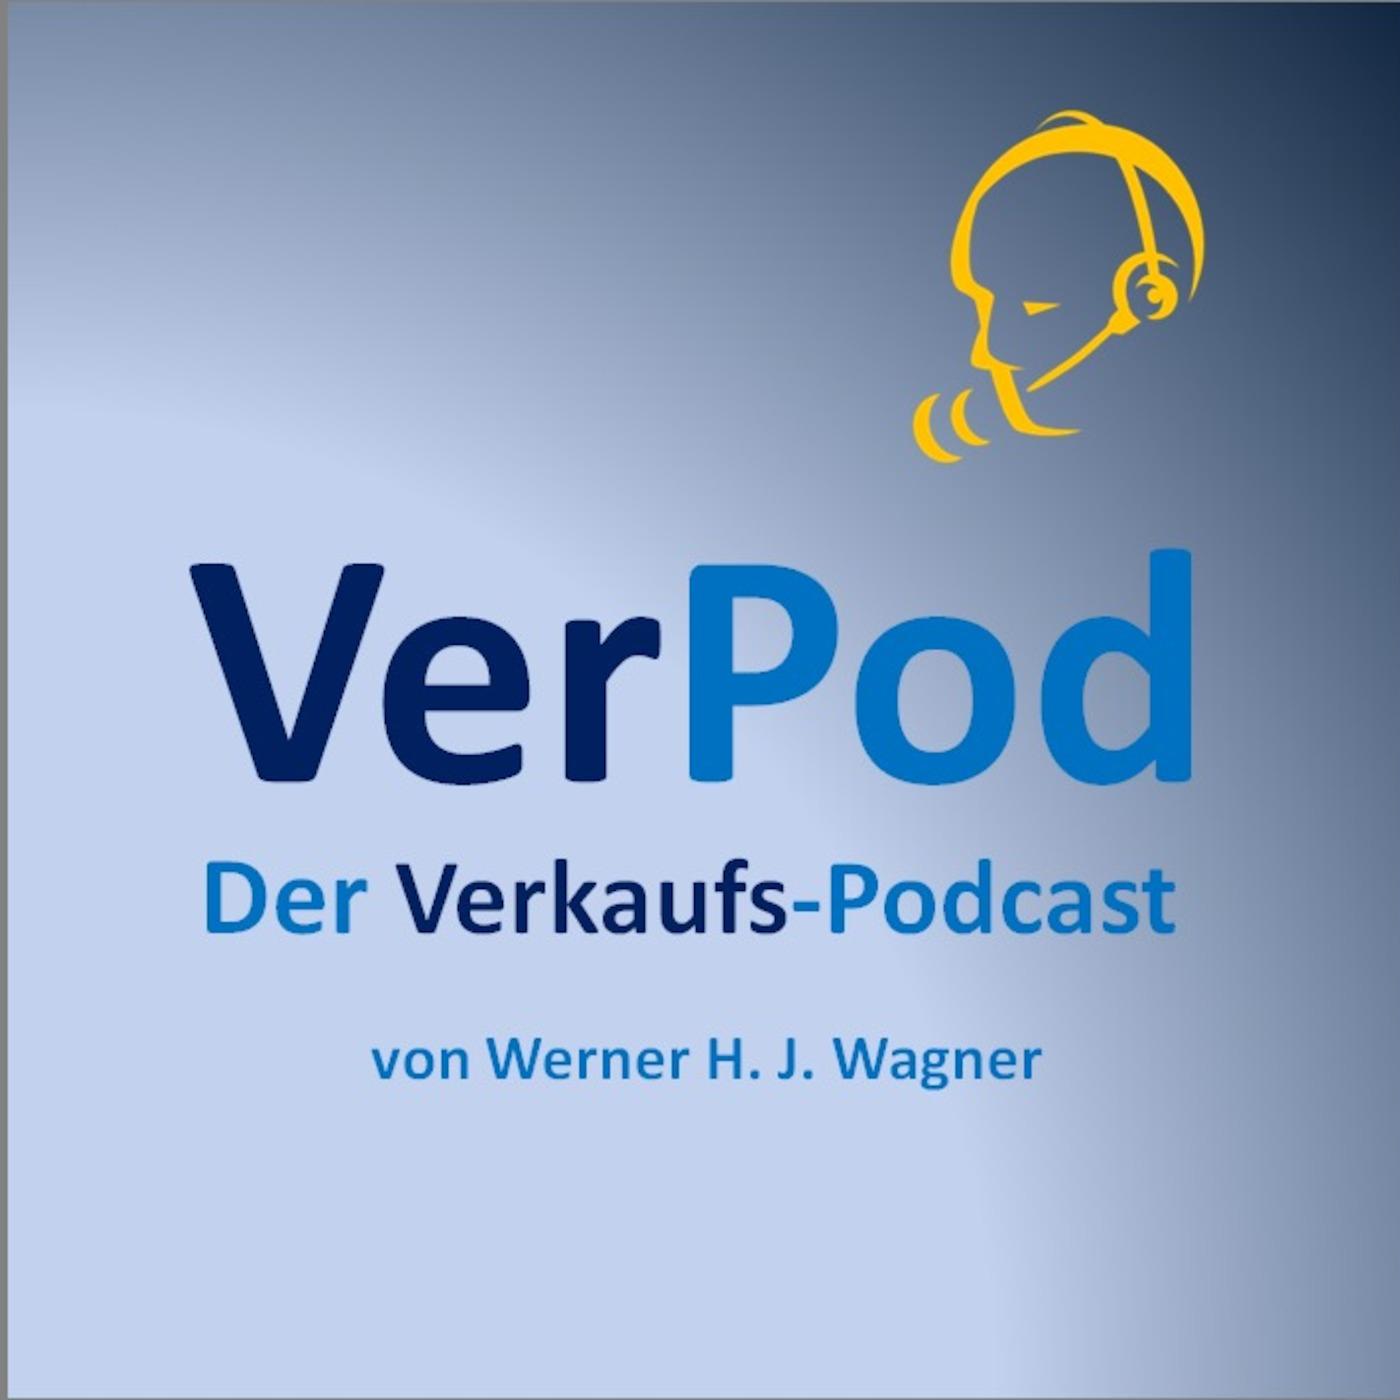 VerPod - Der Verkaufs-Podcast